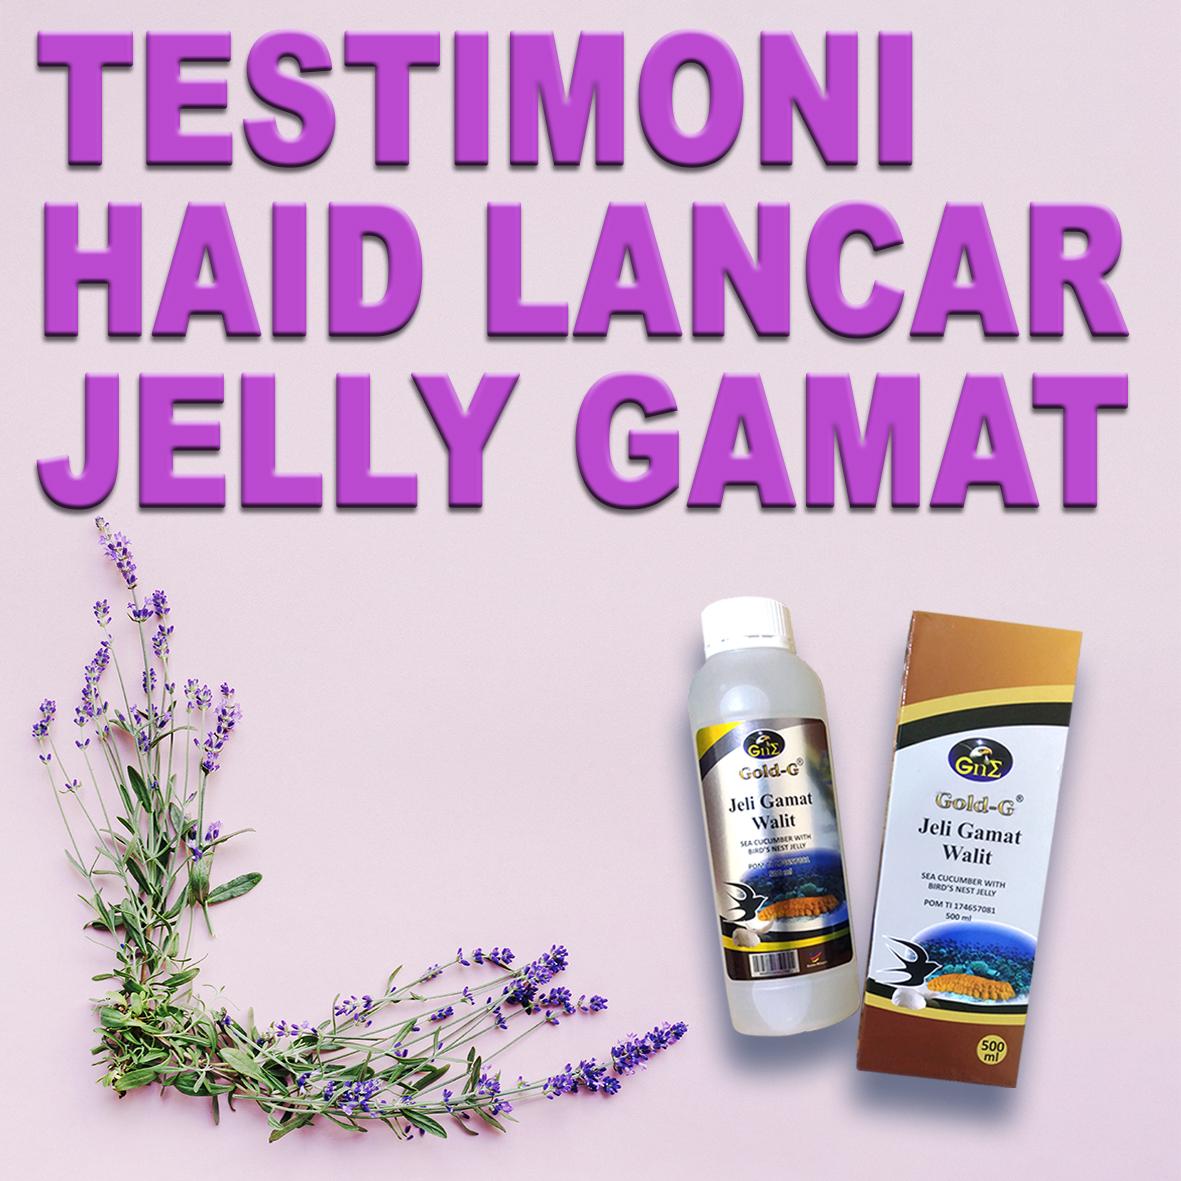 Testimoni Jelly Gamat Gold G Untuk Haid Lancar